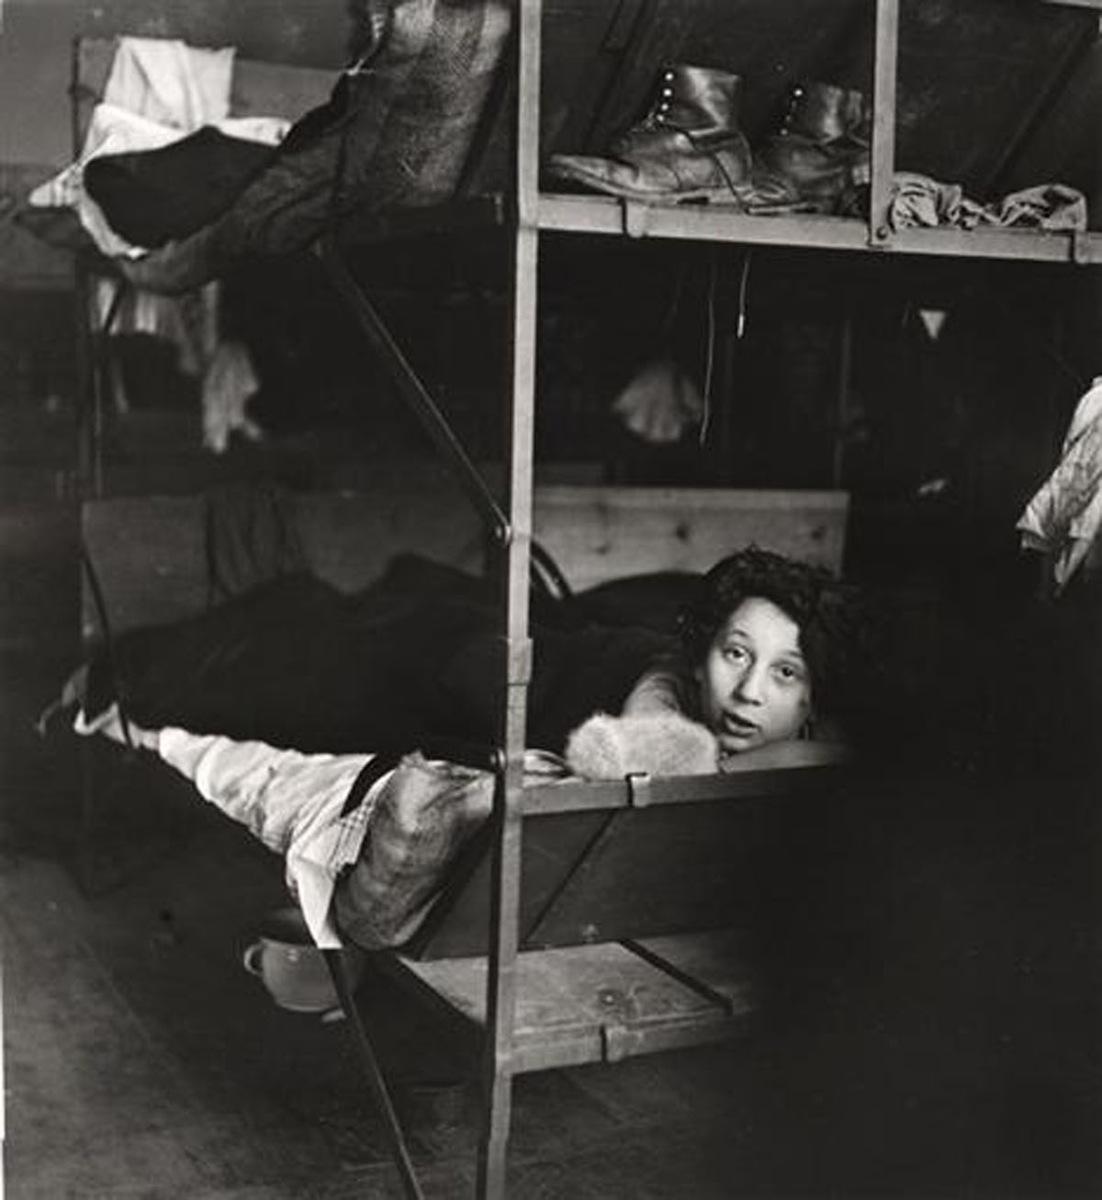 Нетти Стаб, одиннадцать лет, из Ганновера